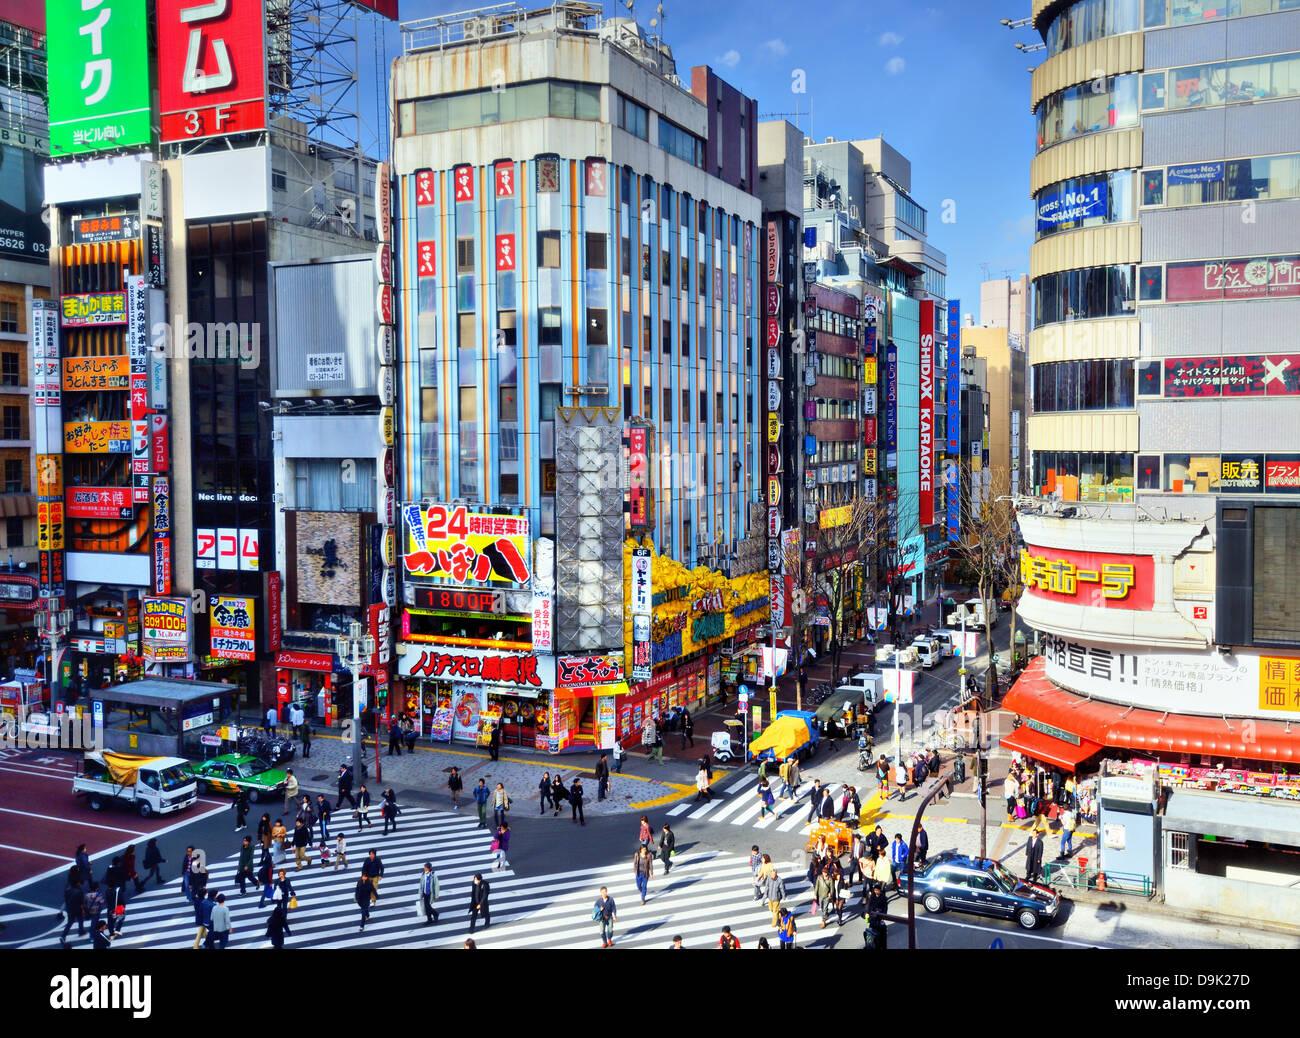 Paisaje urbano de Shinjuku, Tokio, Japón. Imagen De Stock